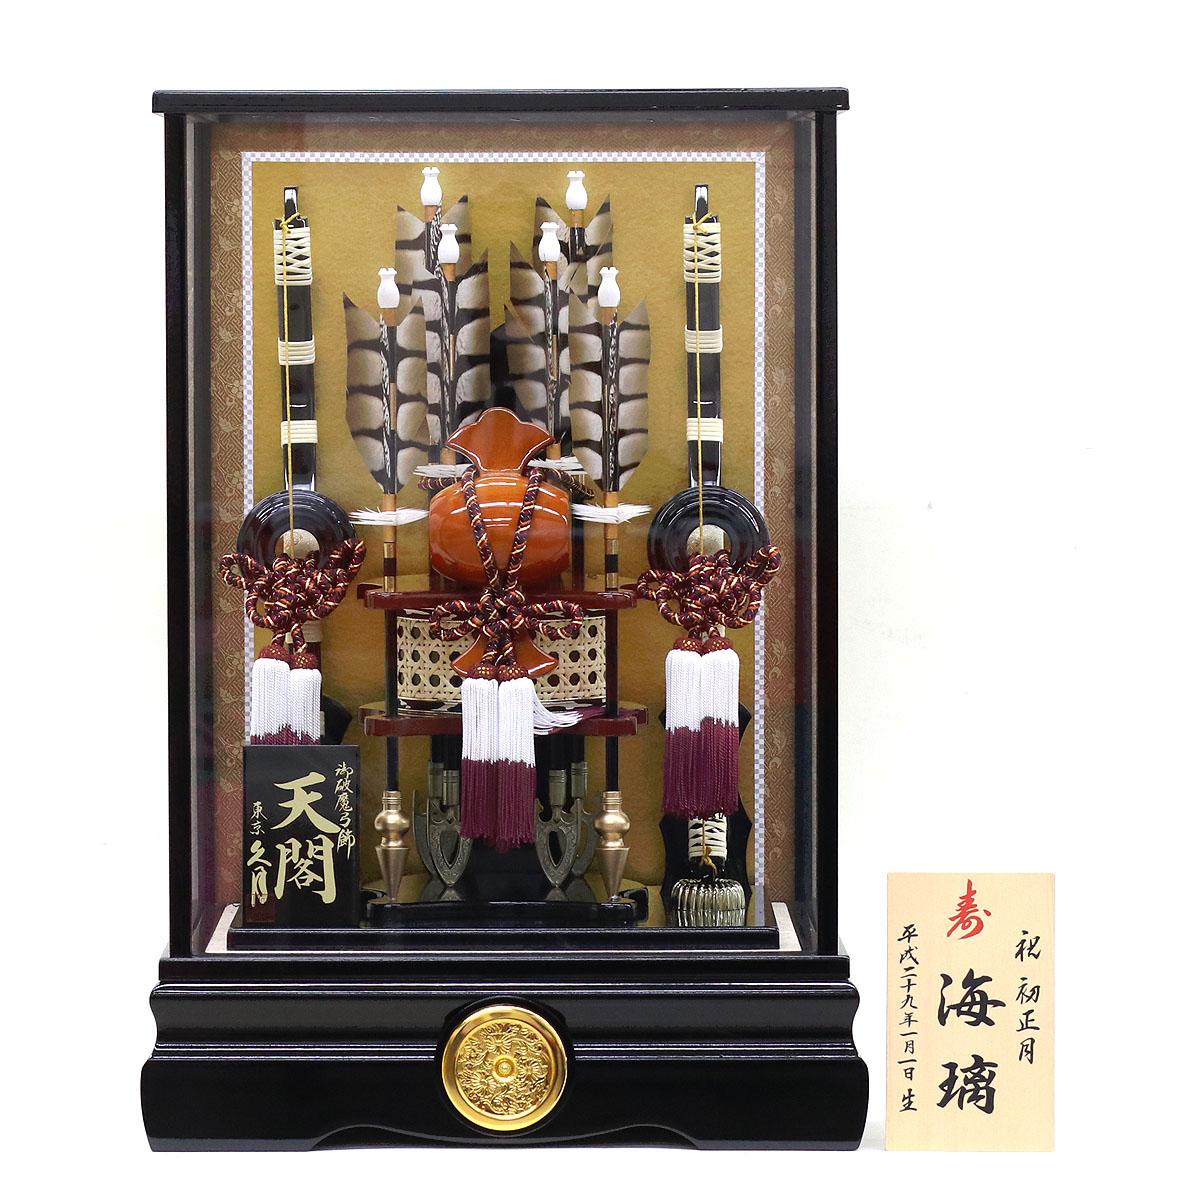 破魔弓 コンパクト ケース飾り 久月 15号 天閣 HMQ-70711526 初正月 破魔矢 久月作